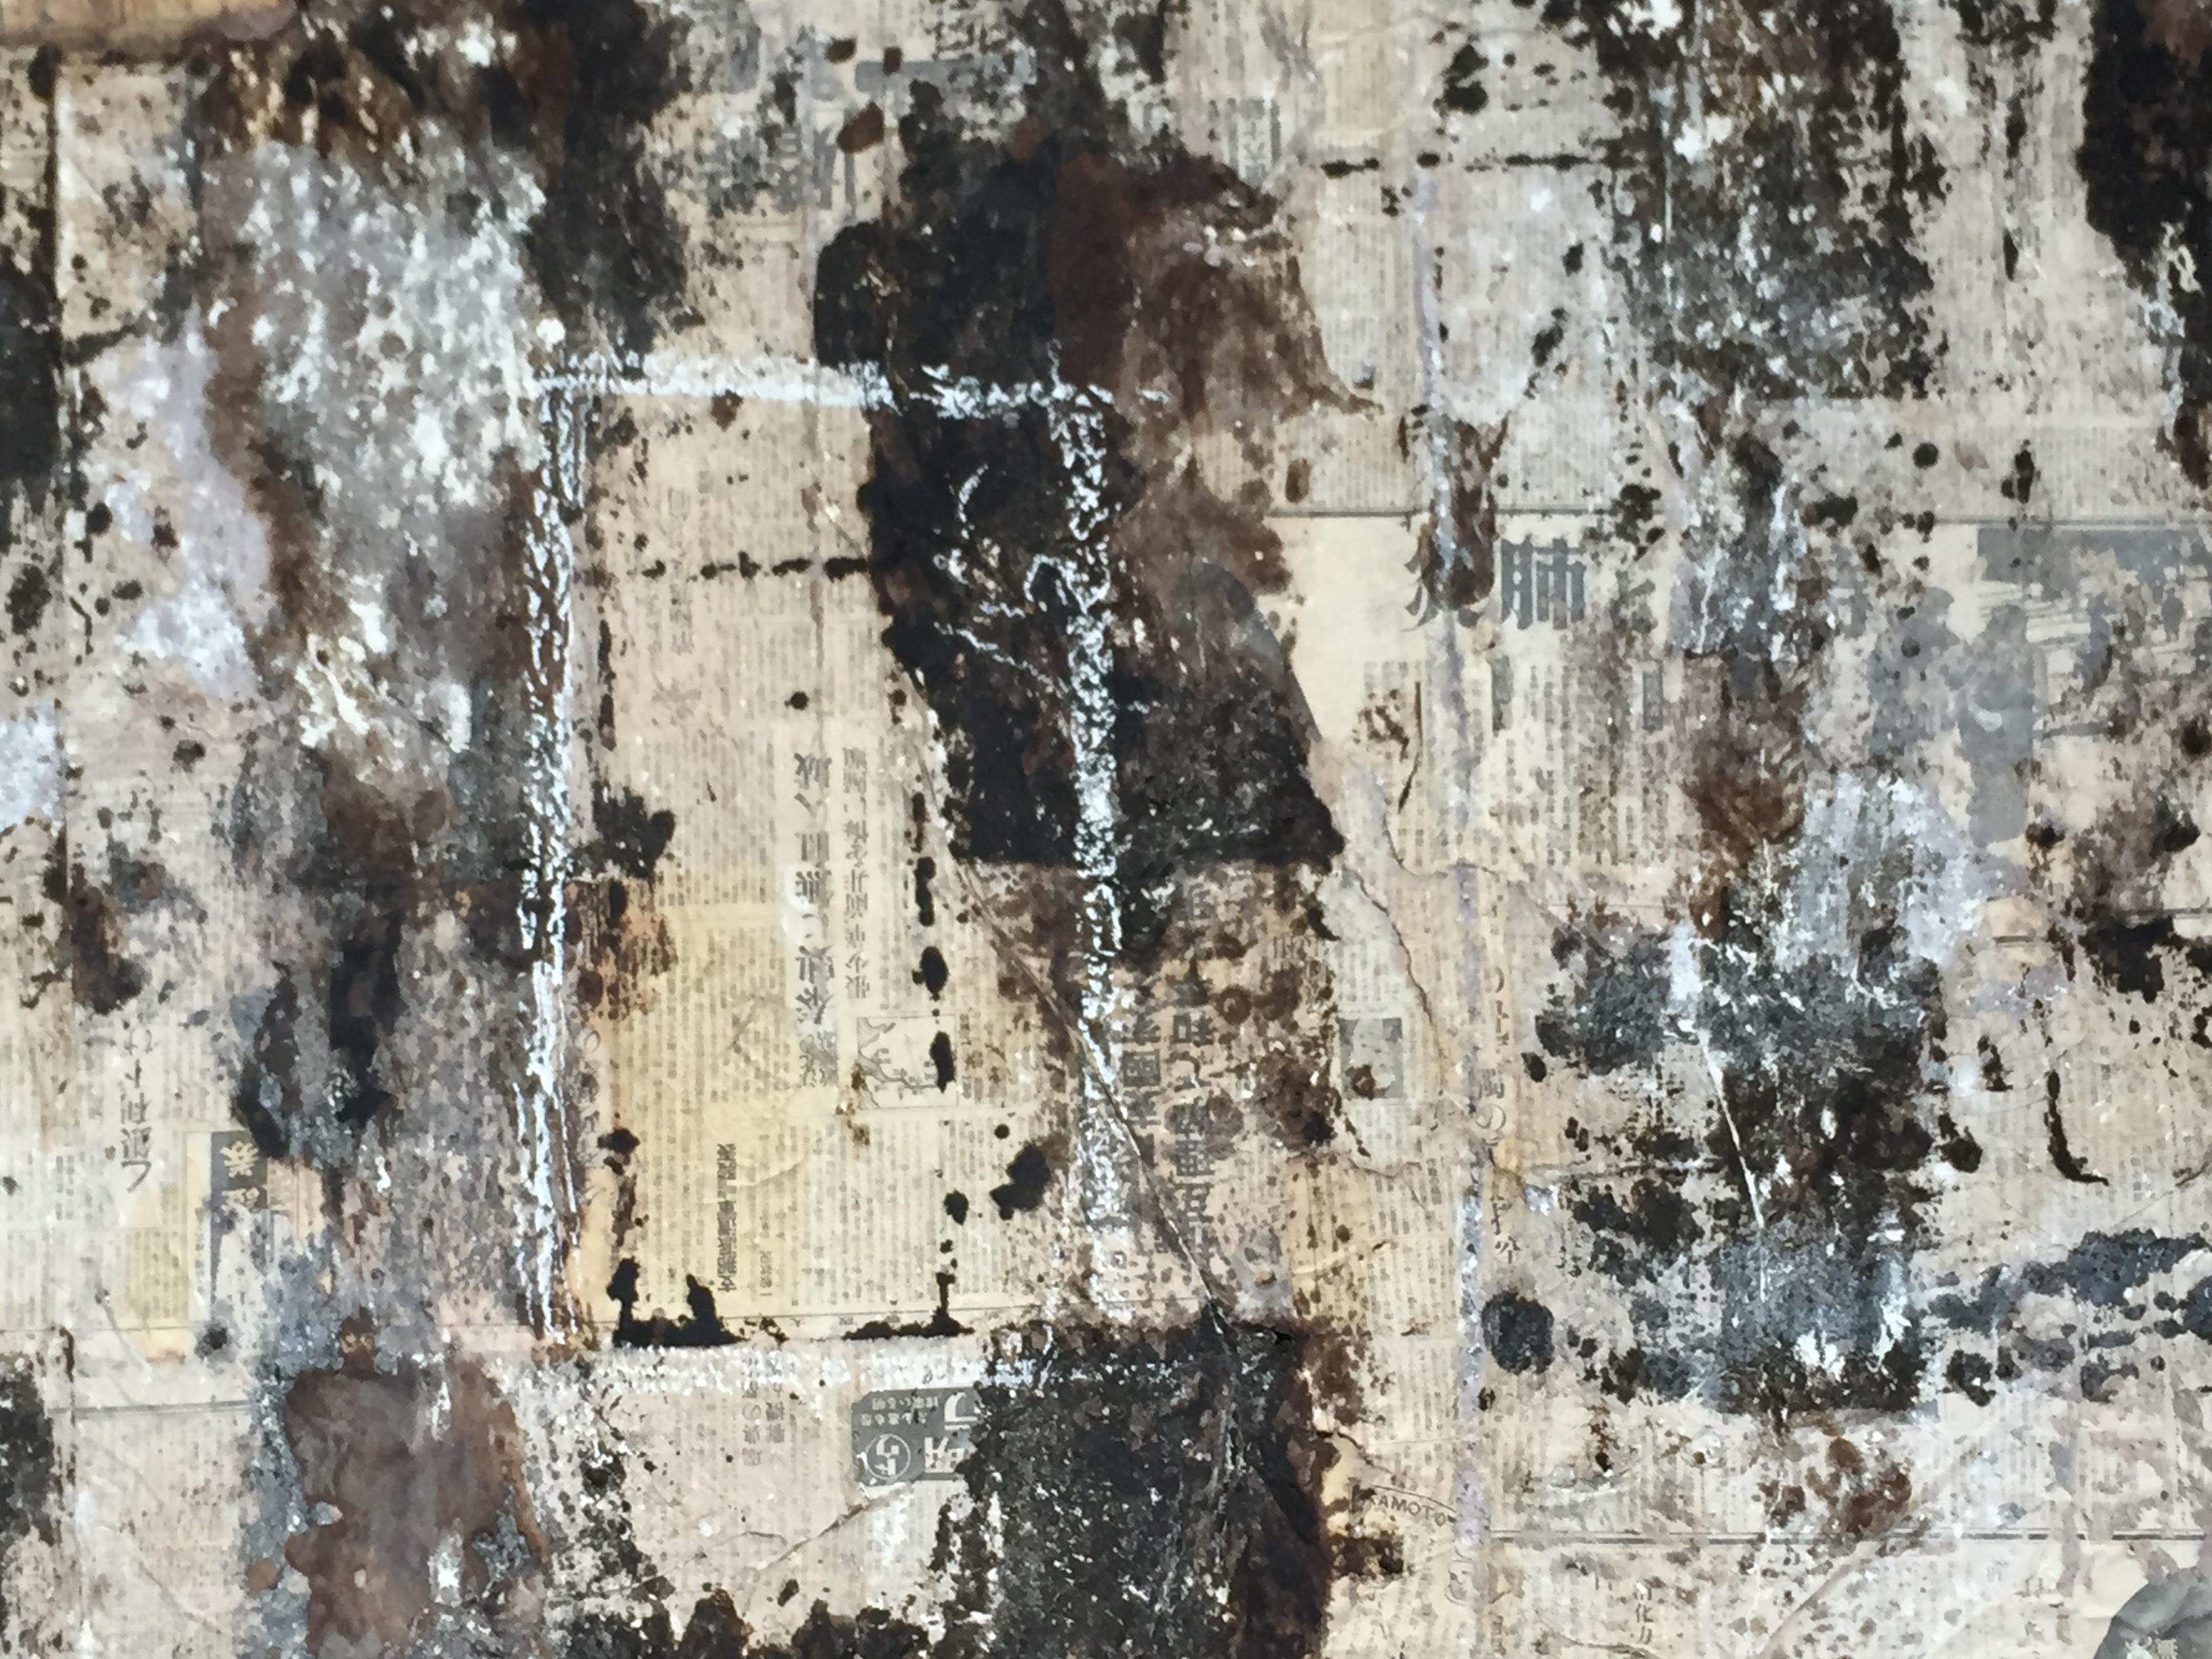 营房的天花板上铺满了日文报纸,其中相当一部分记载了日军侵华的史实。新华社记者魏一骏摄